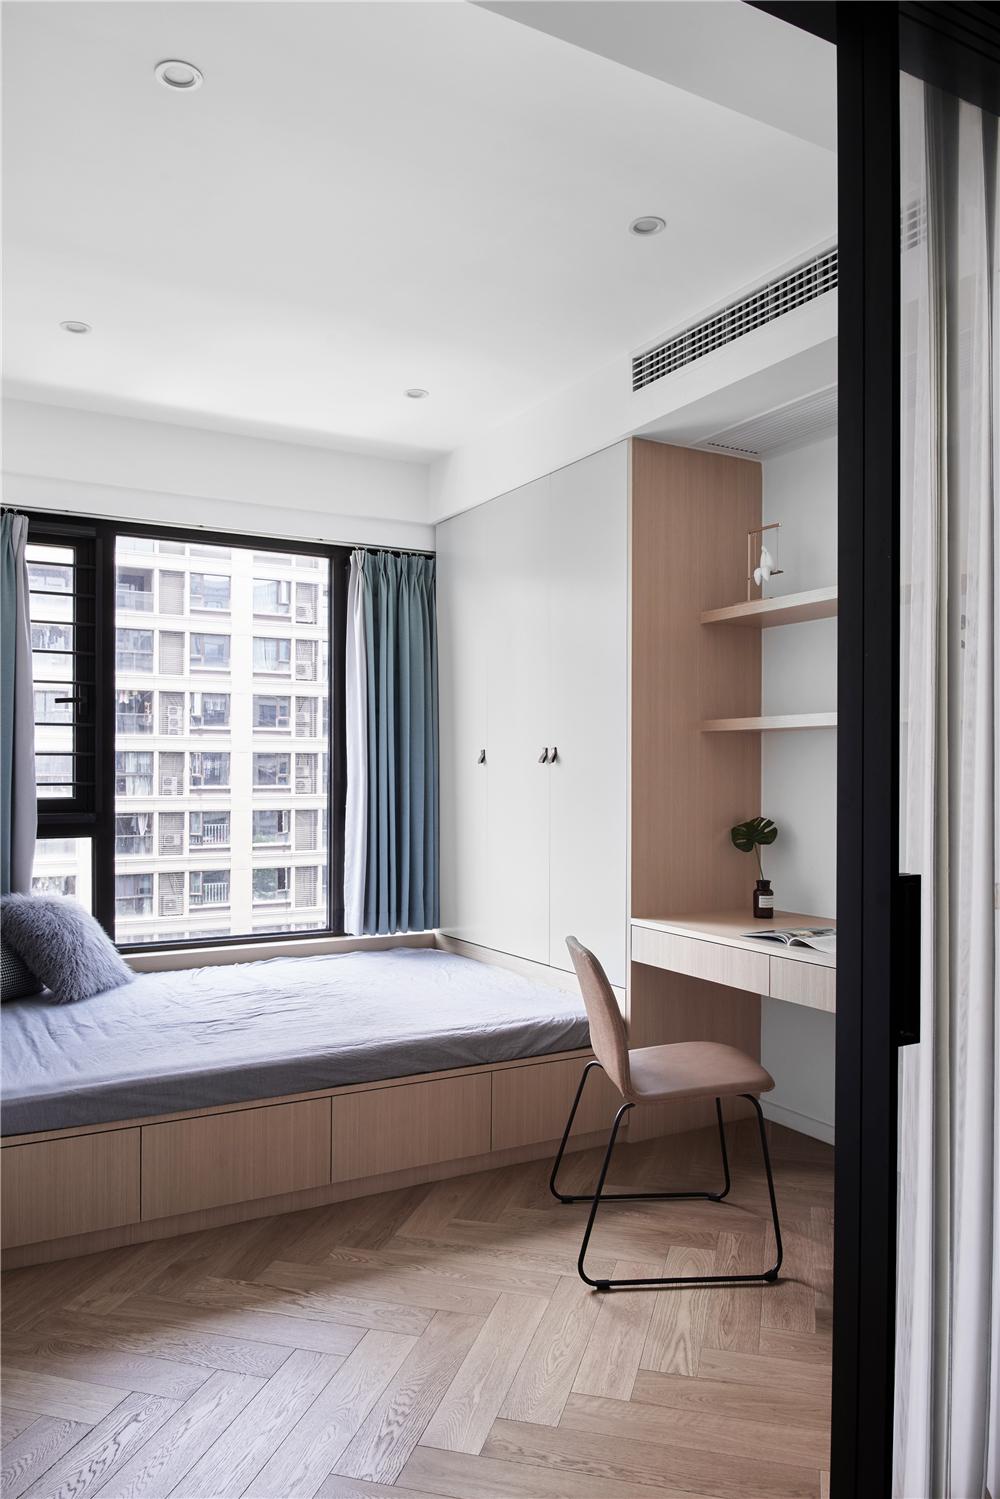 82㎡现代三居客厅装修效果图